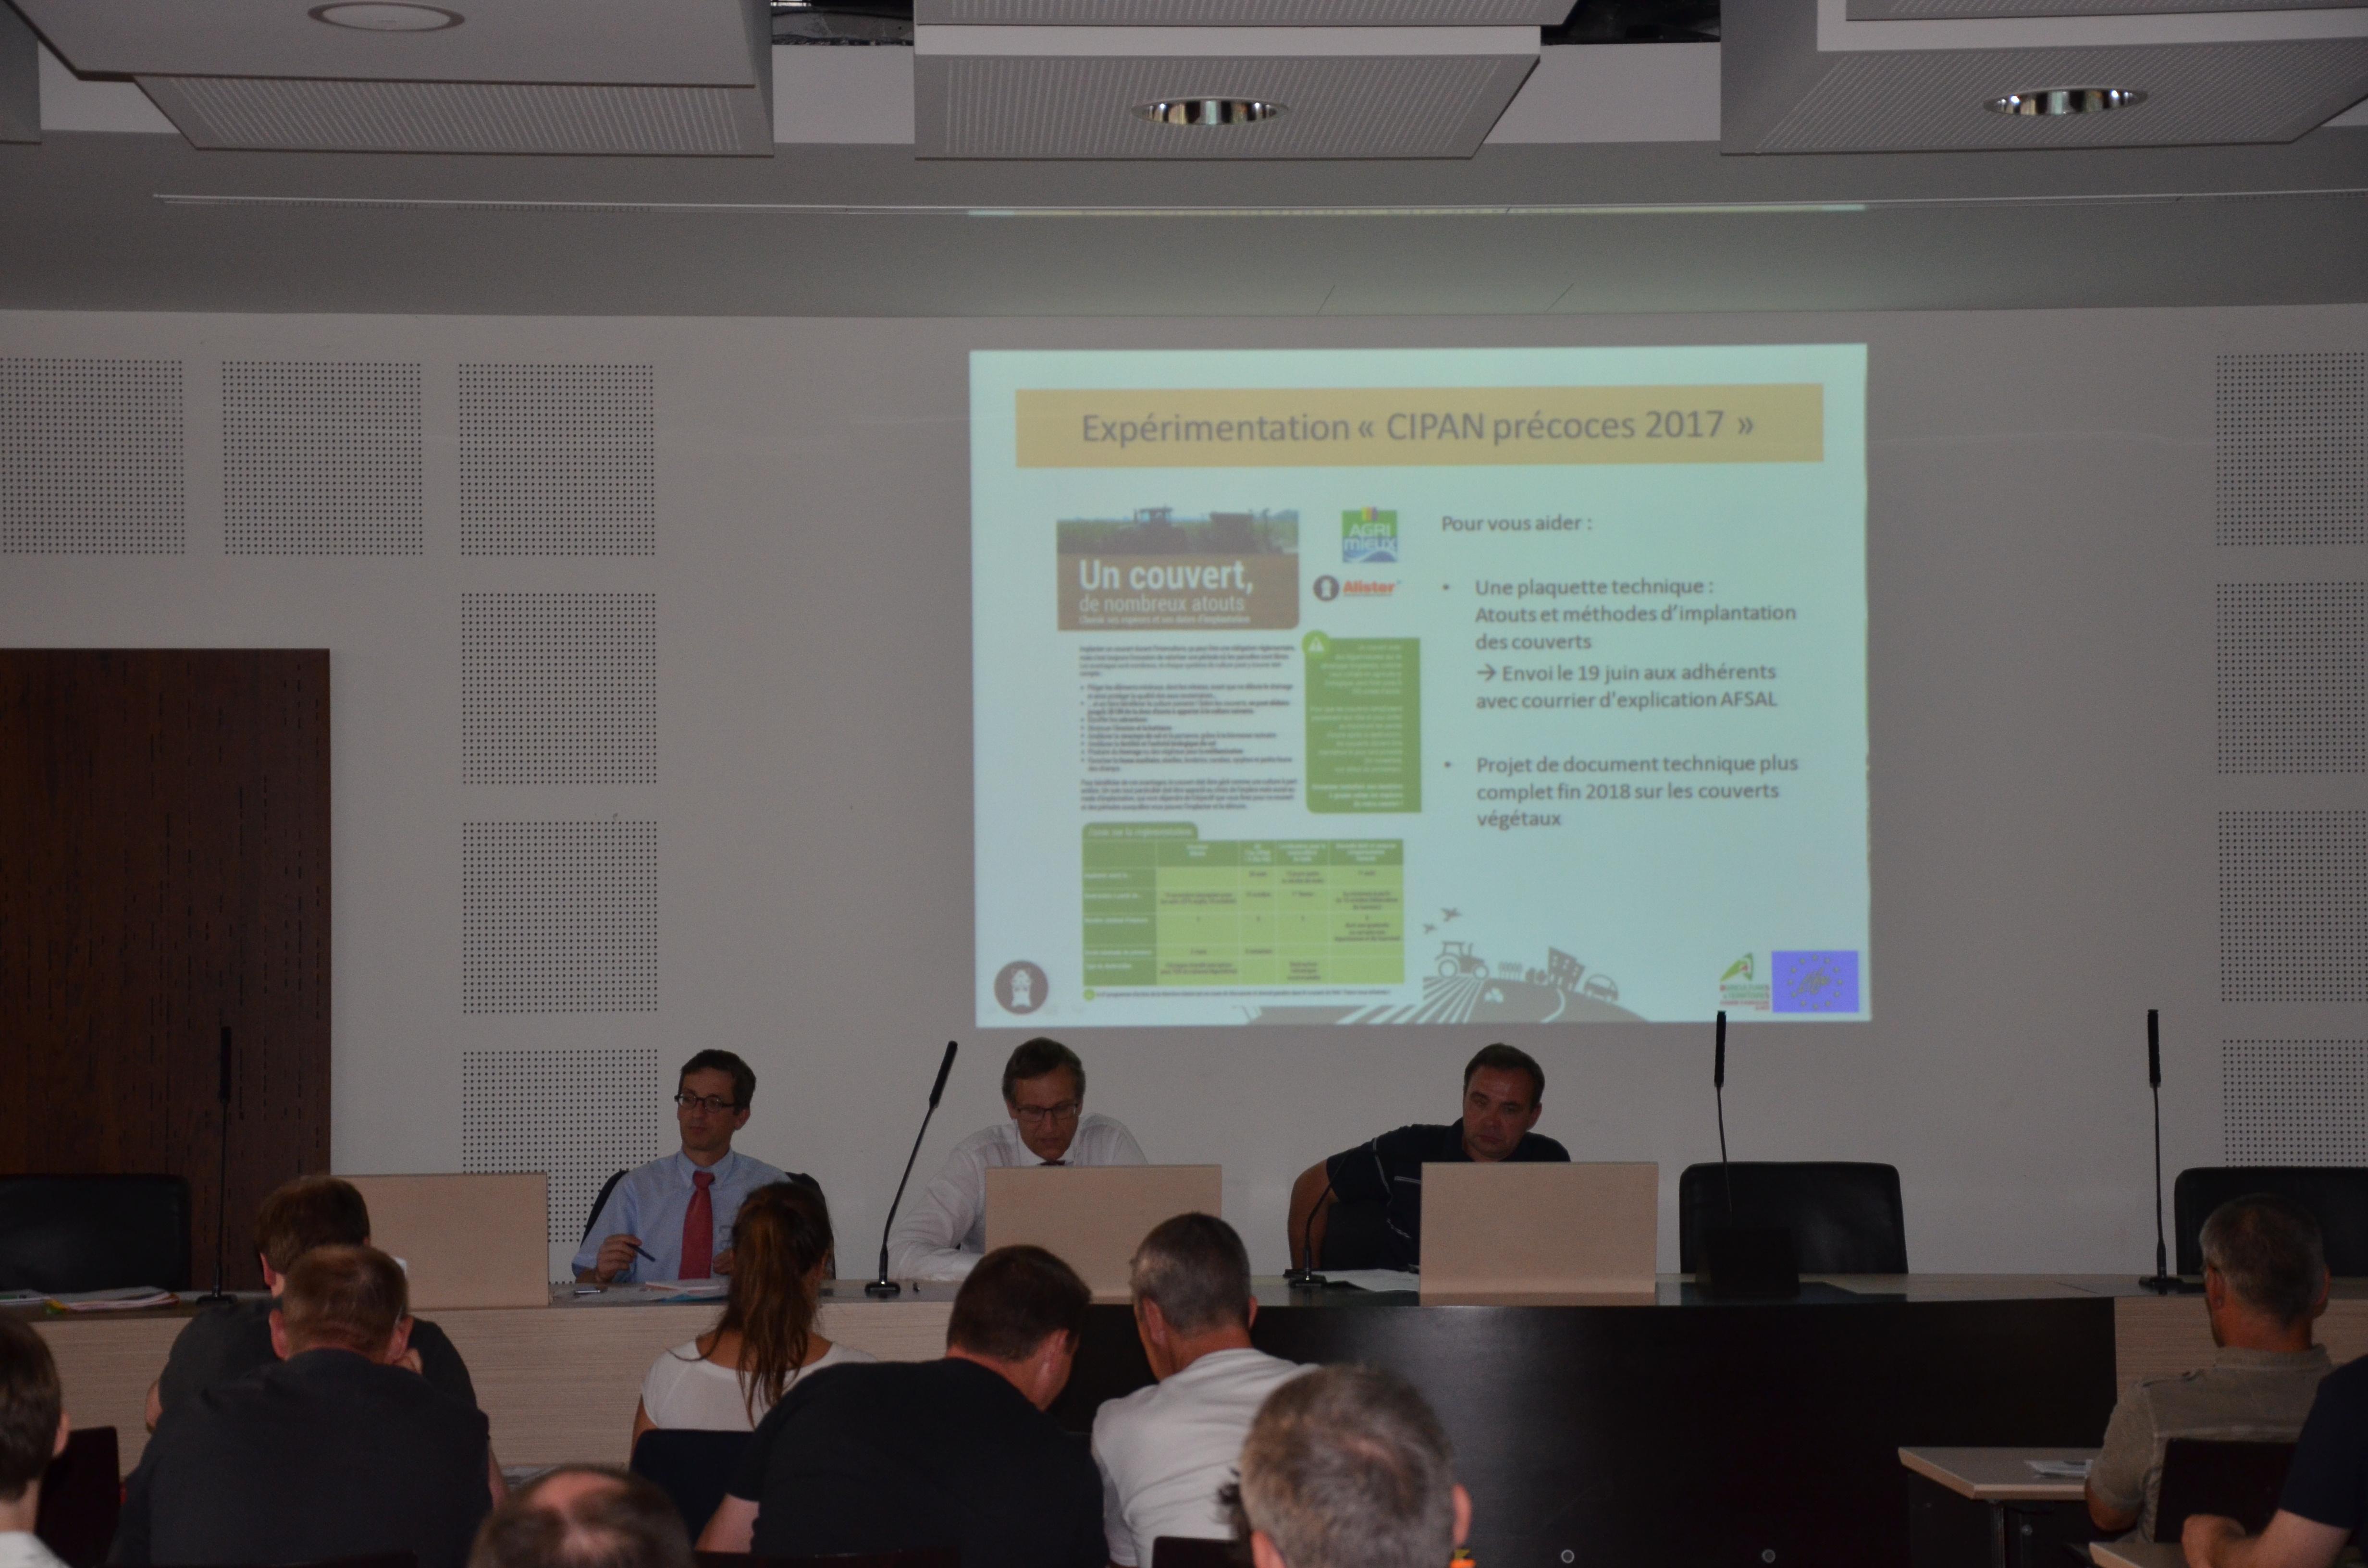 A la tribune (de gauche à droite), Laurent Darley (Directeur-adjoint à la Direction Régionale de l'Environnement, de l'Aménagement et du Logement), Christophe Fotré (Directeur des territoires du Bas-Rhin) et Laurent Fischer, Président de l'AFSAL